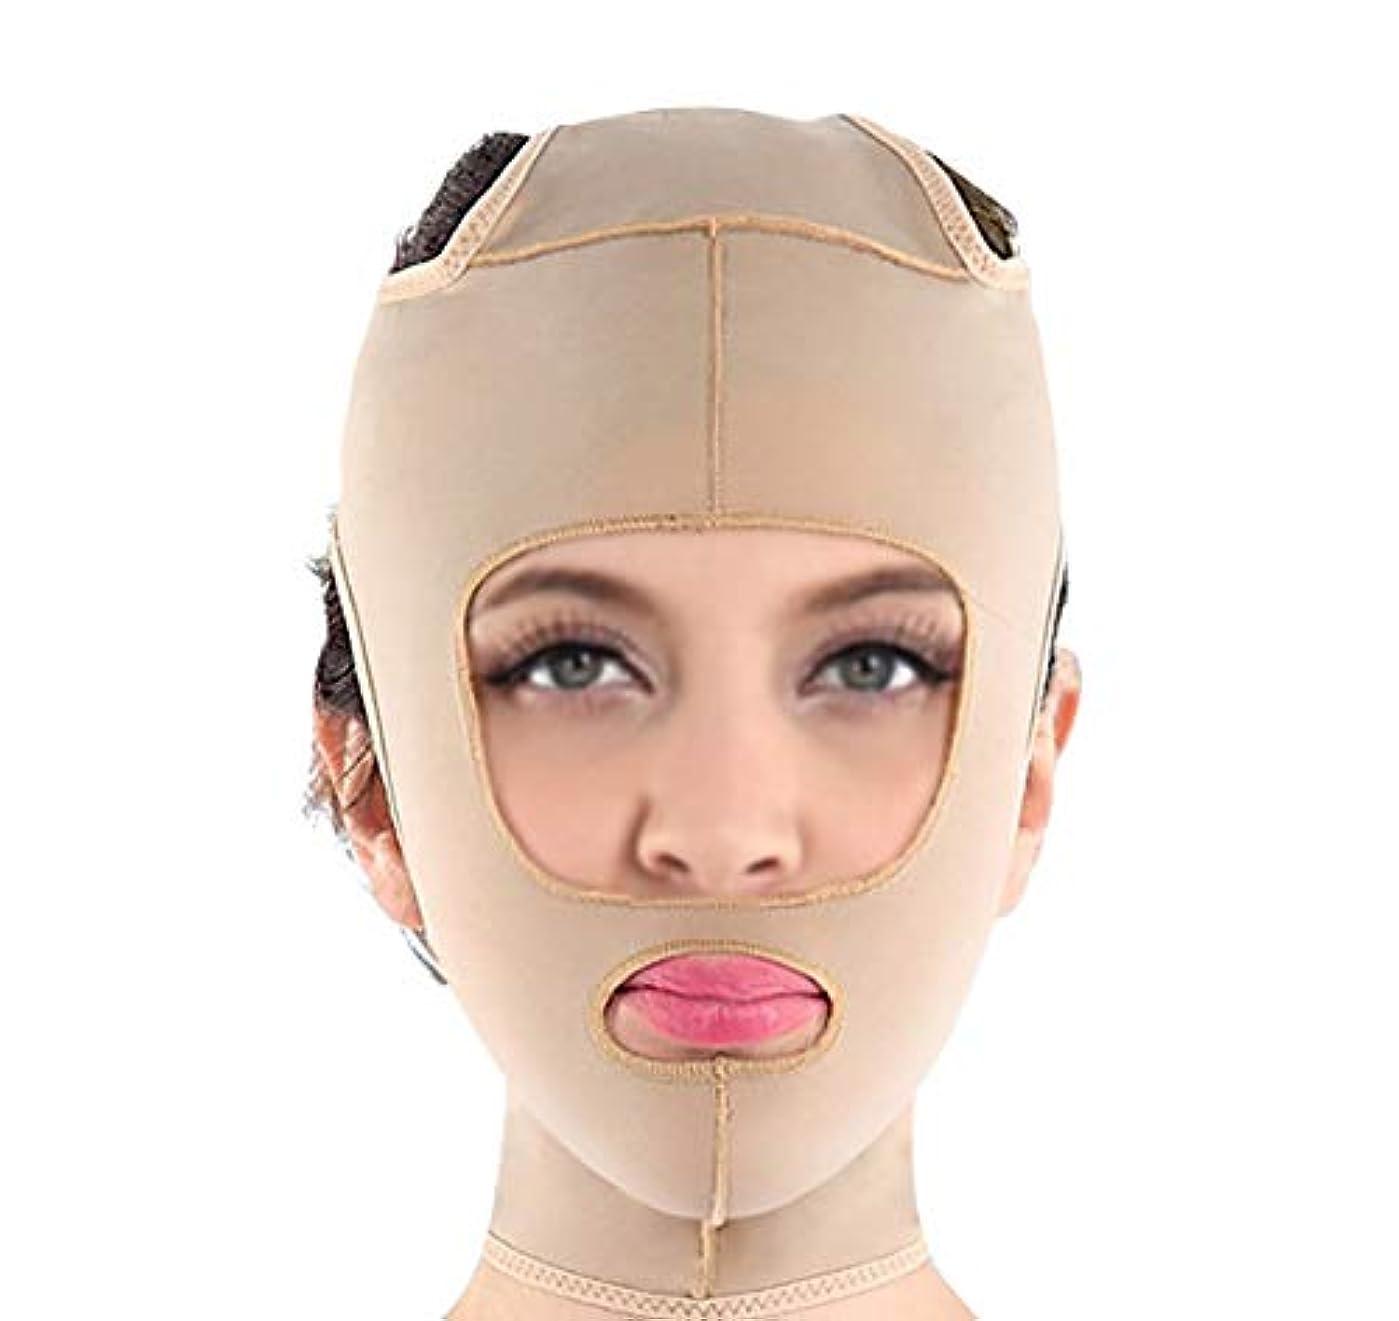 ソフィー証書口径肌をしっかりと保ち、顔の筋肉の垂れ下がりや顔の美しい輪郭の形成を防ぐフェイスリフティングマスク (Size : XL)